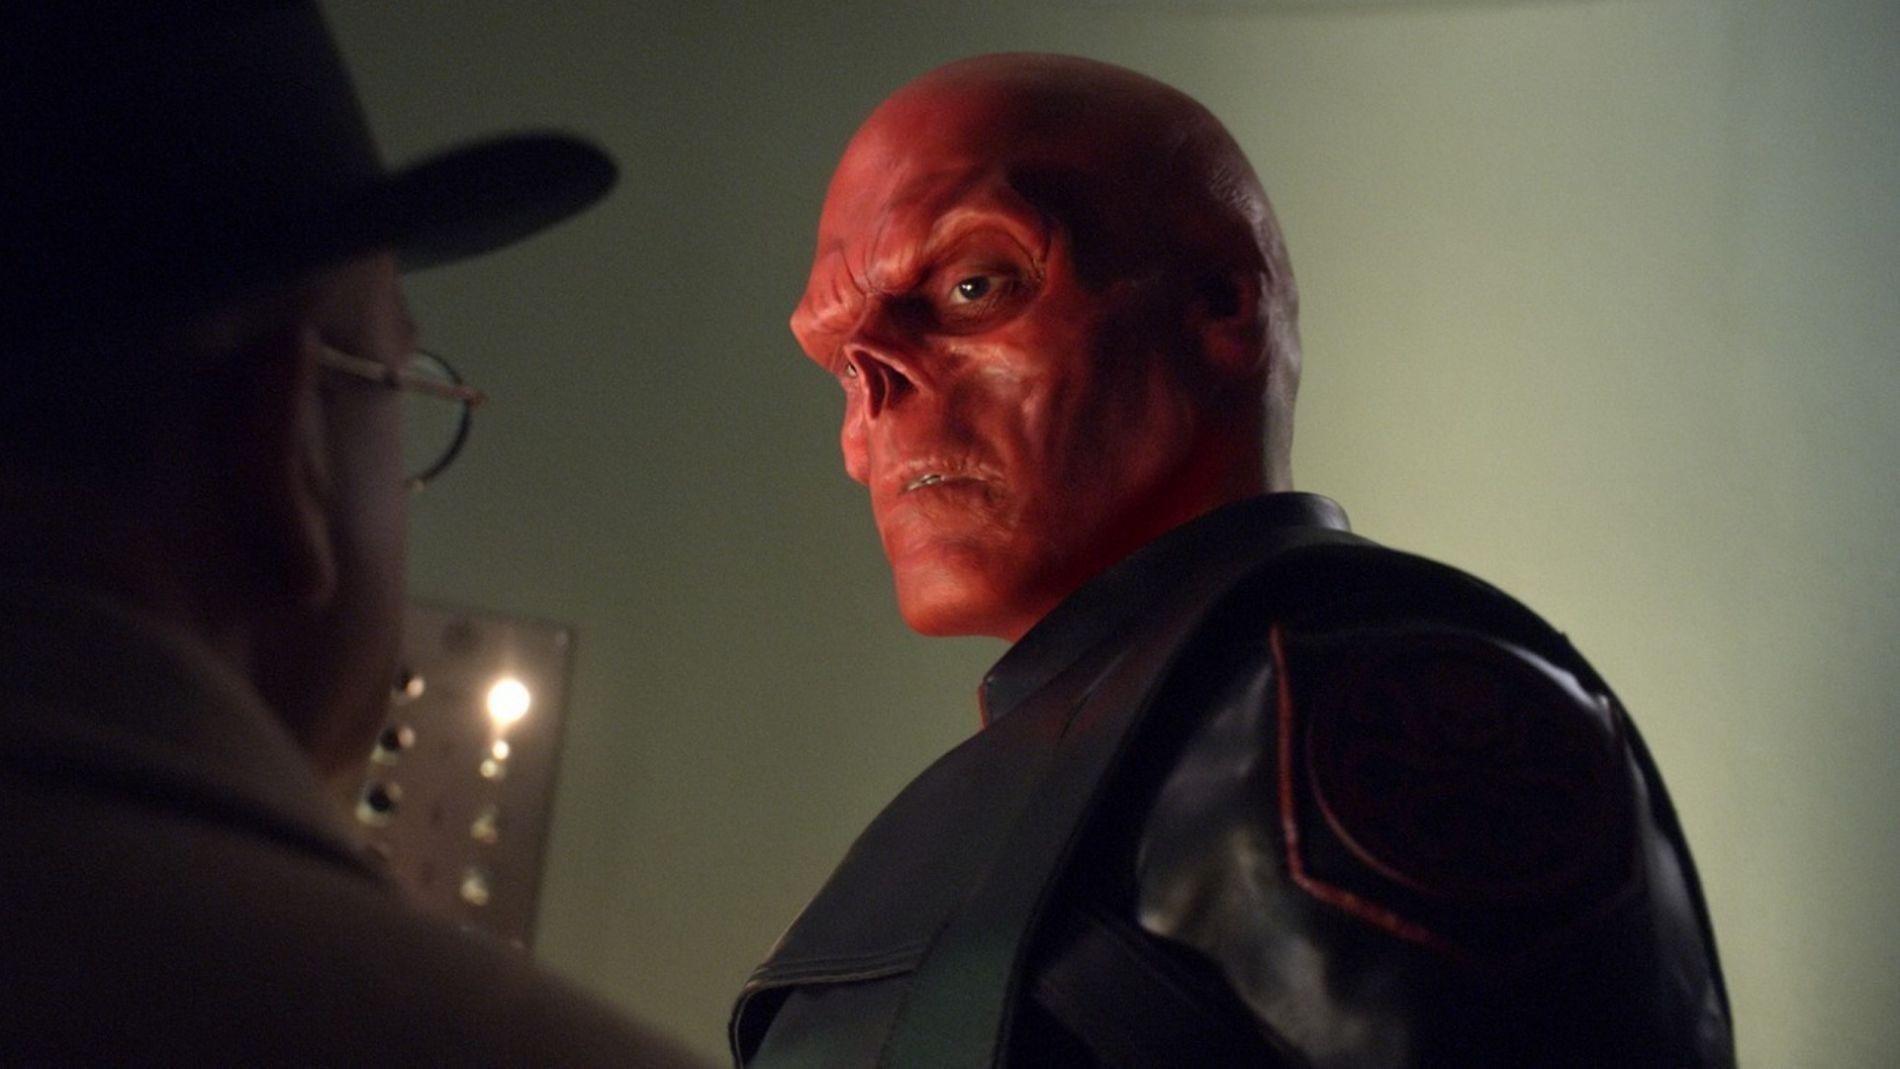 Hugo Weaving Ausencia Vengadores y Matrix 4 - Infinity War Smith